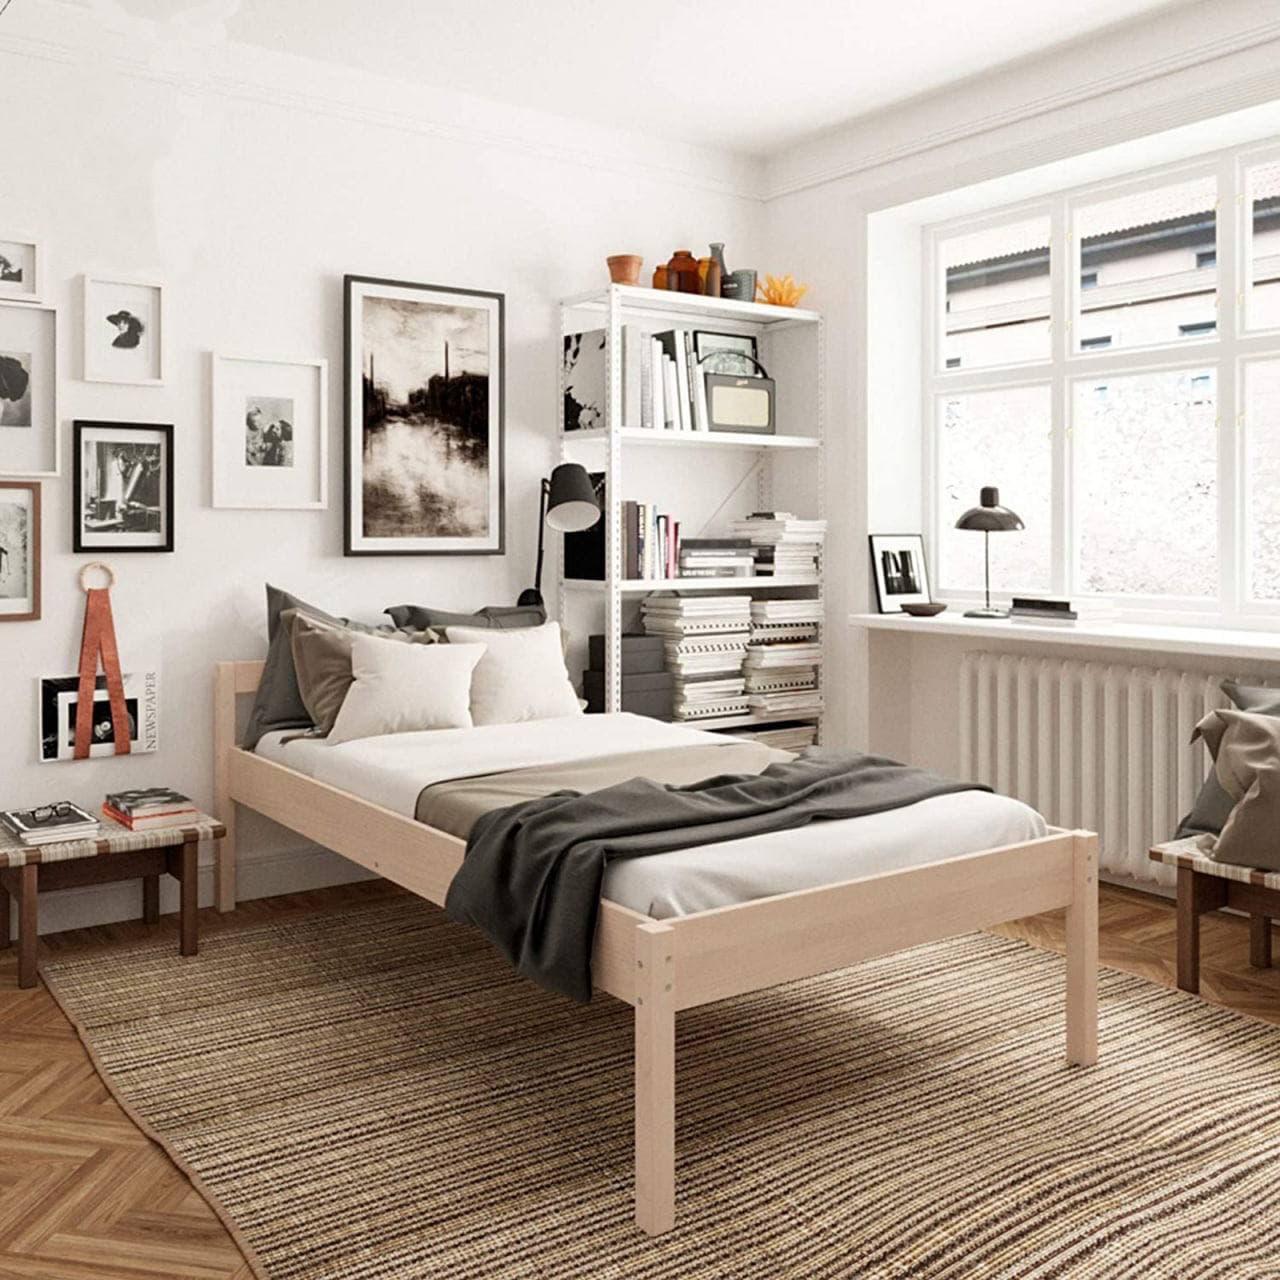 Высокая односпальная деревянная кровать Hansales 100x200 см для здорового и крепкого сна